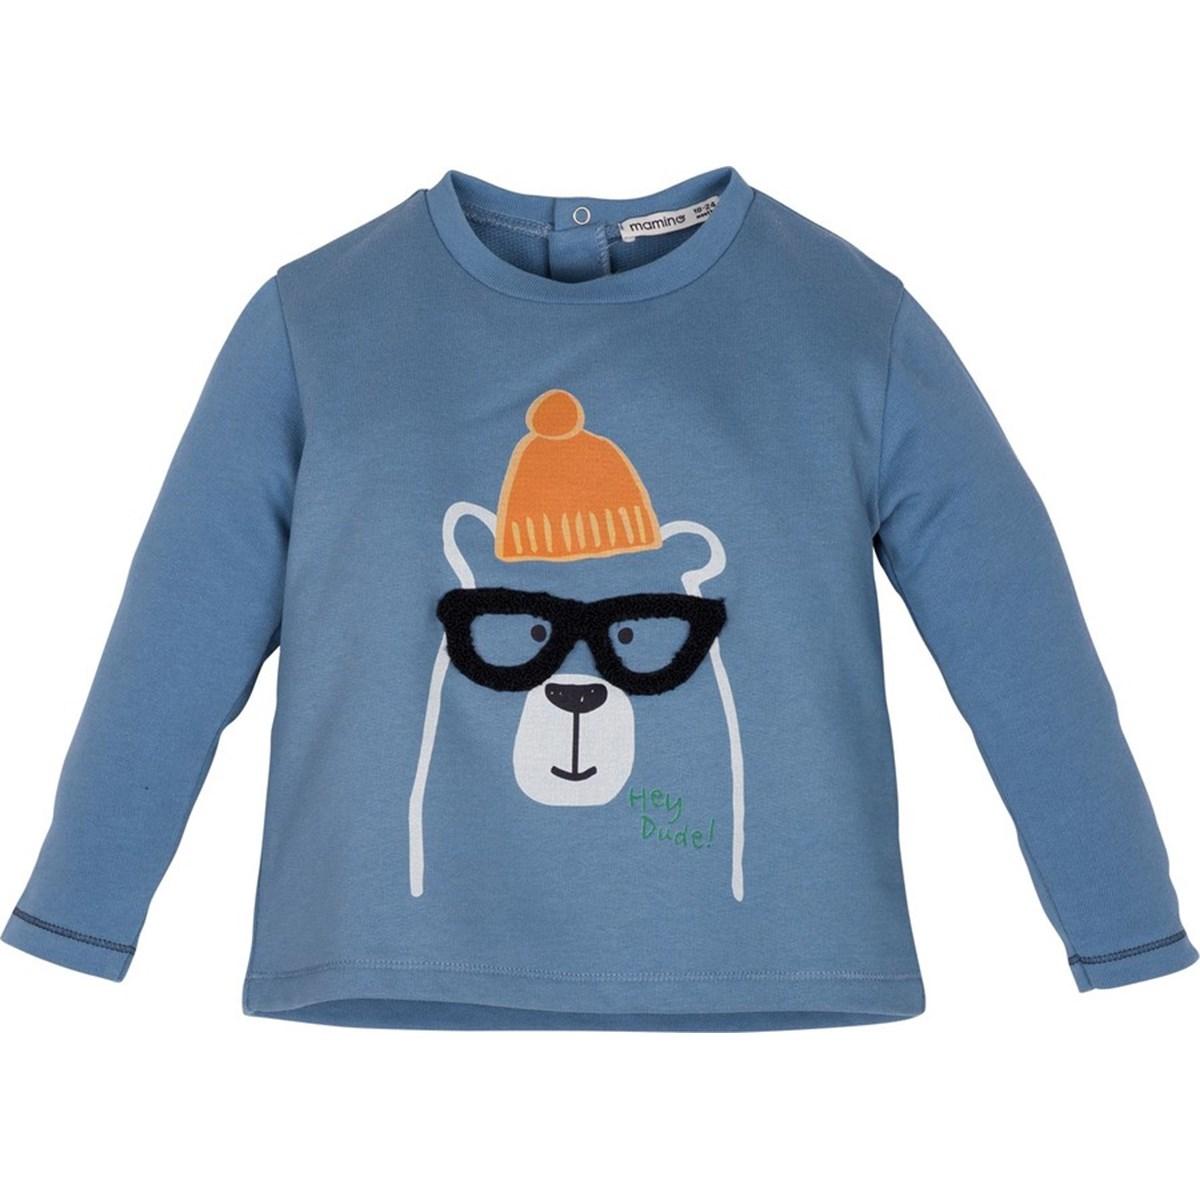 12664 Sweatshirt 1